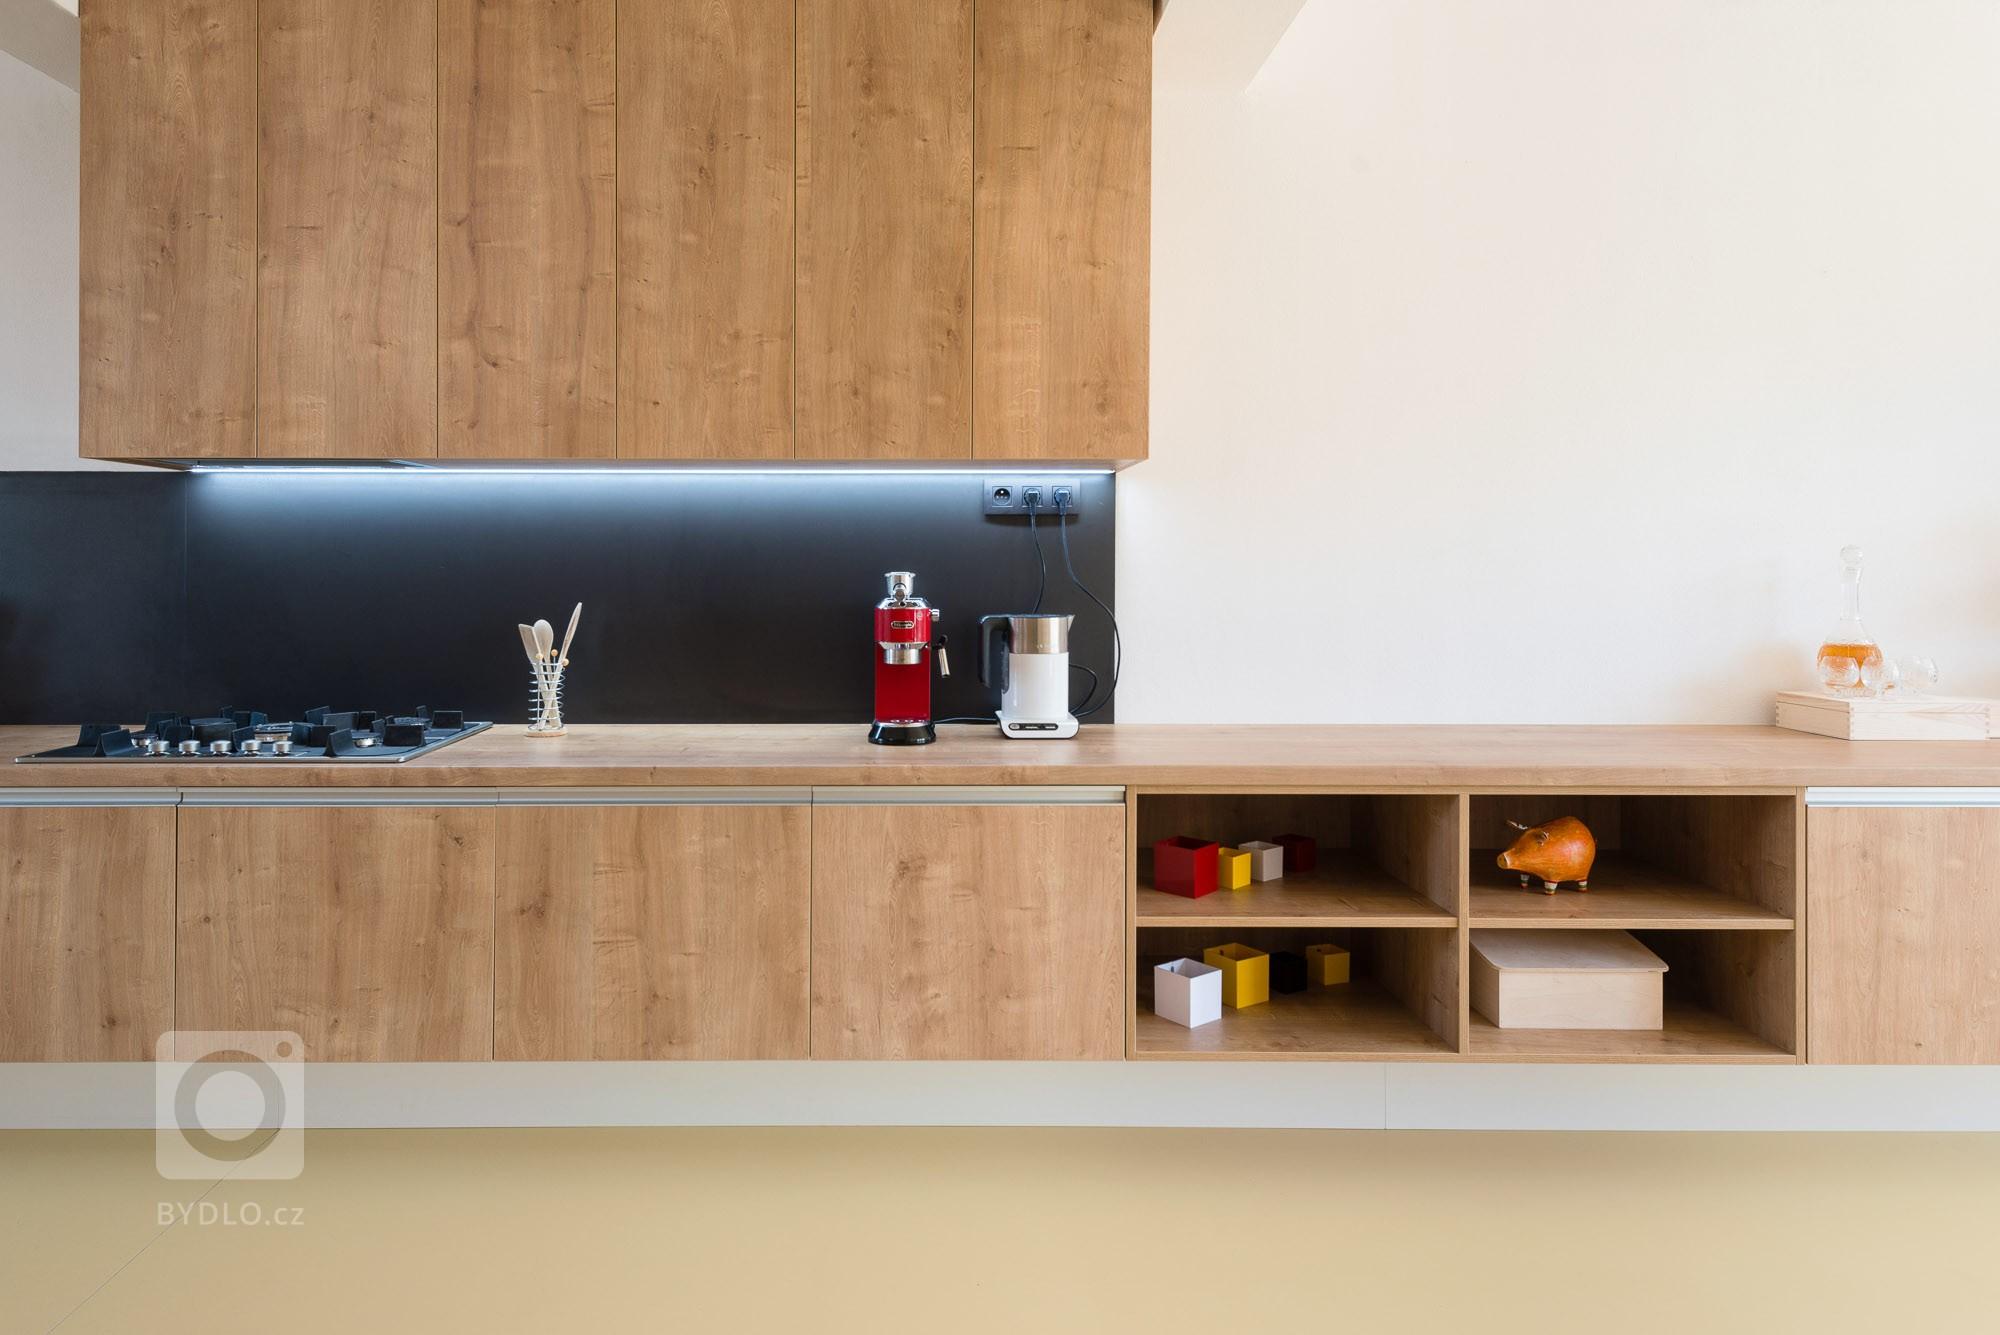 Moderná a zároveň funkčná kuchynská linka, ktorá plynulo prechádza do obývacej zostavy pozdĺž celého interiéru.